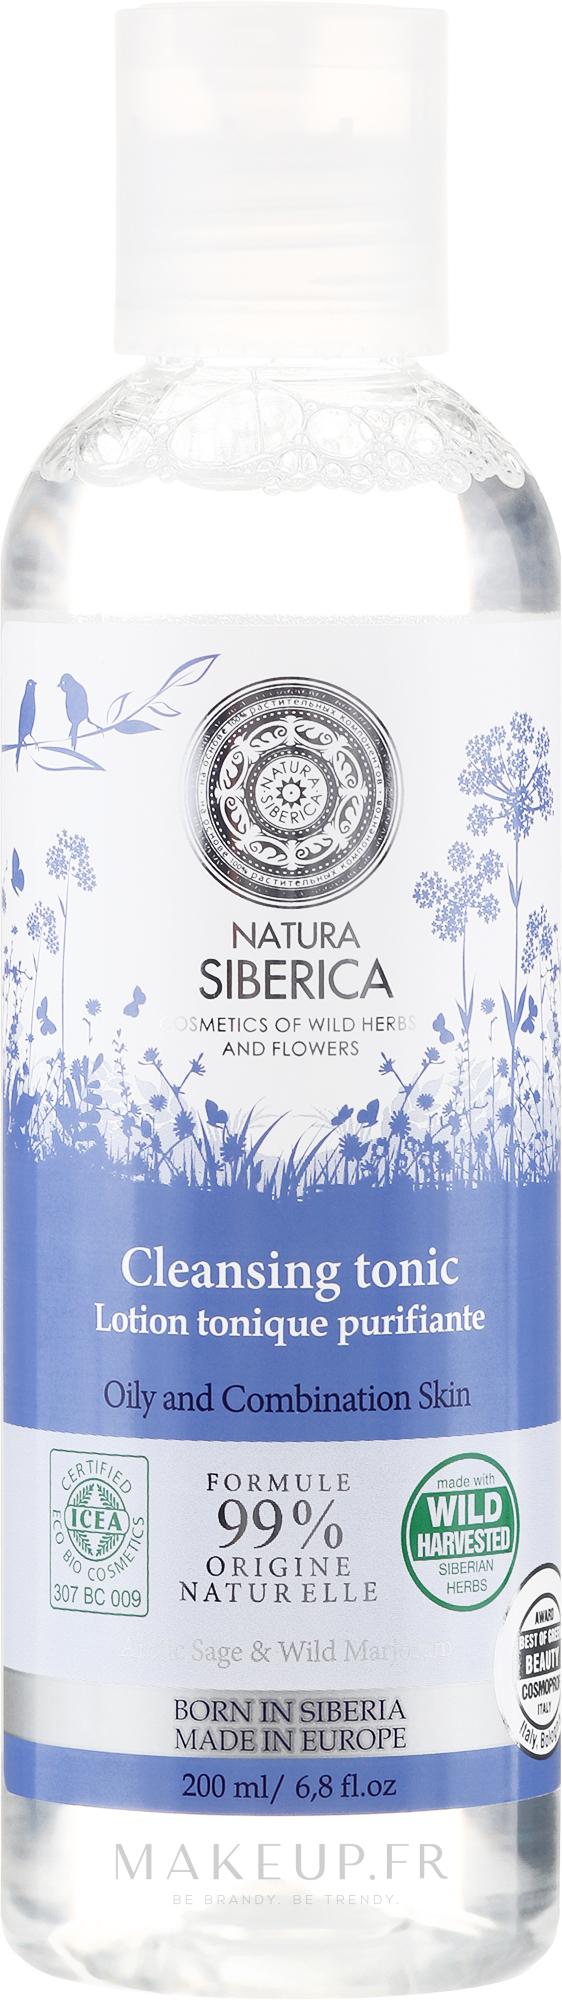 Lotion tonique à l'extrait de marjolaine sauvage - Natura Siberica — Photo 200 ml